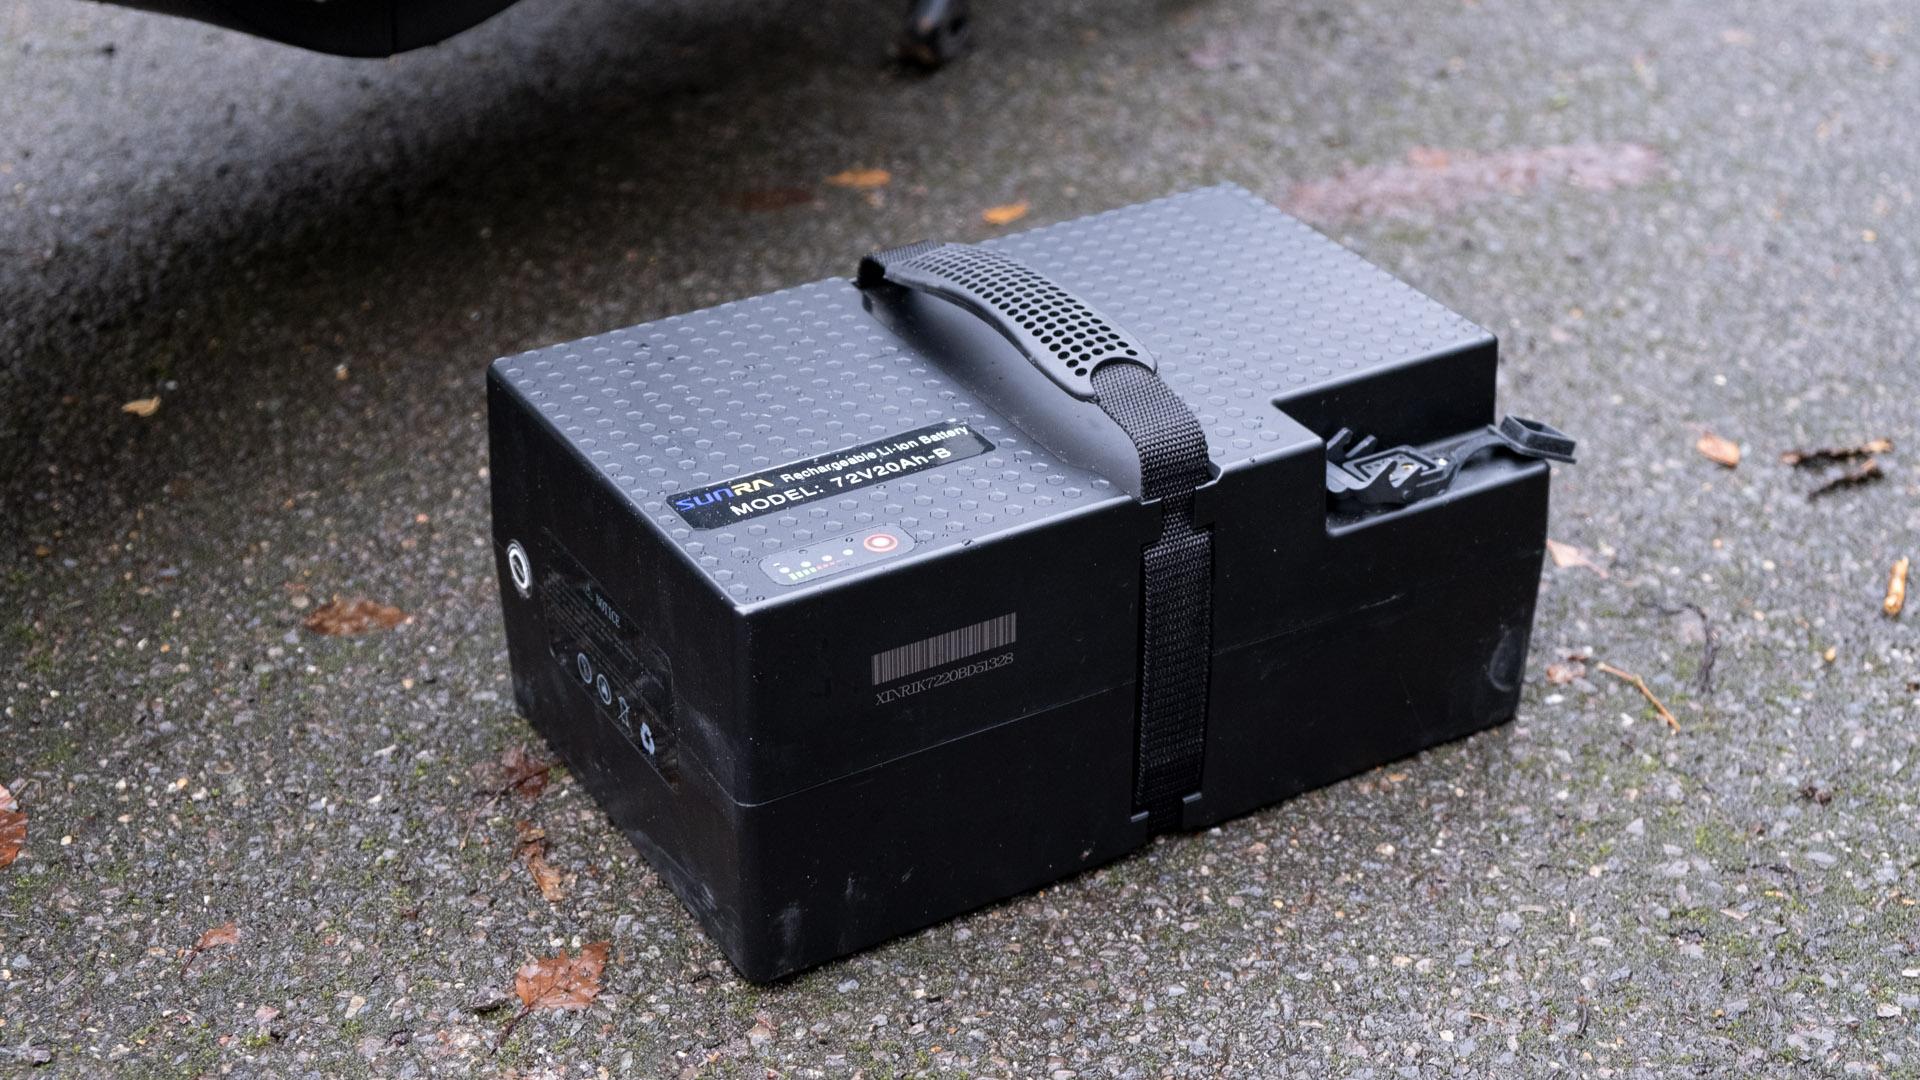 Sunra Robo-S battery